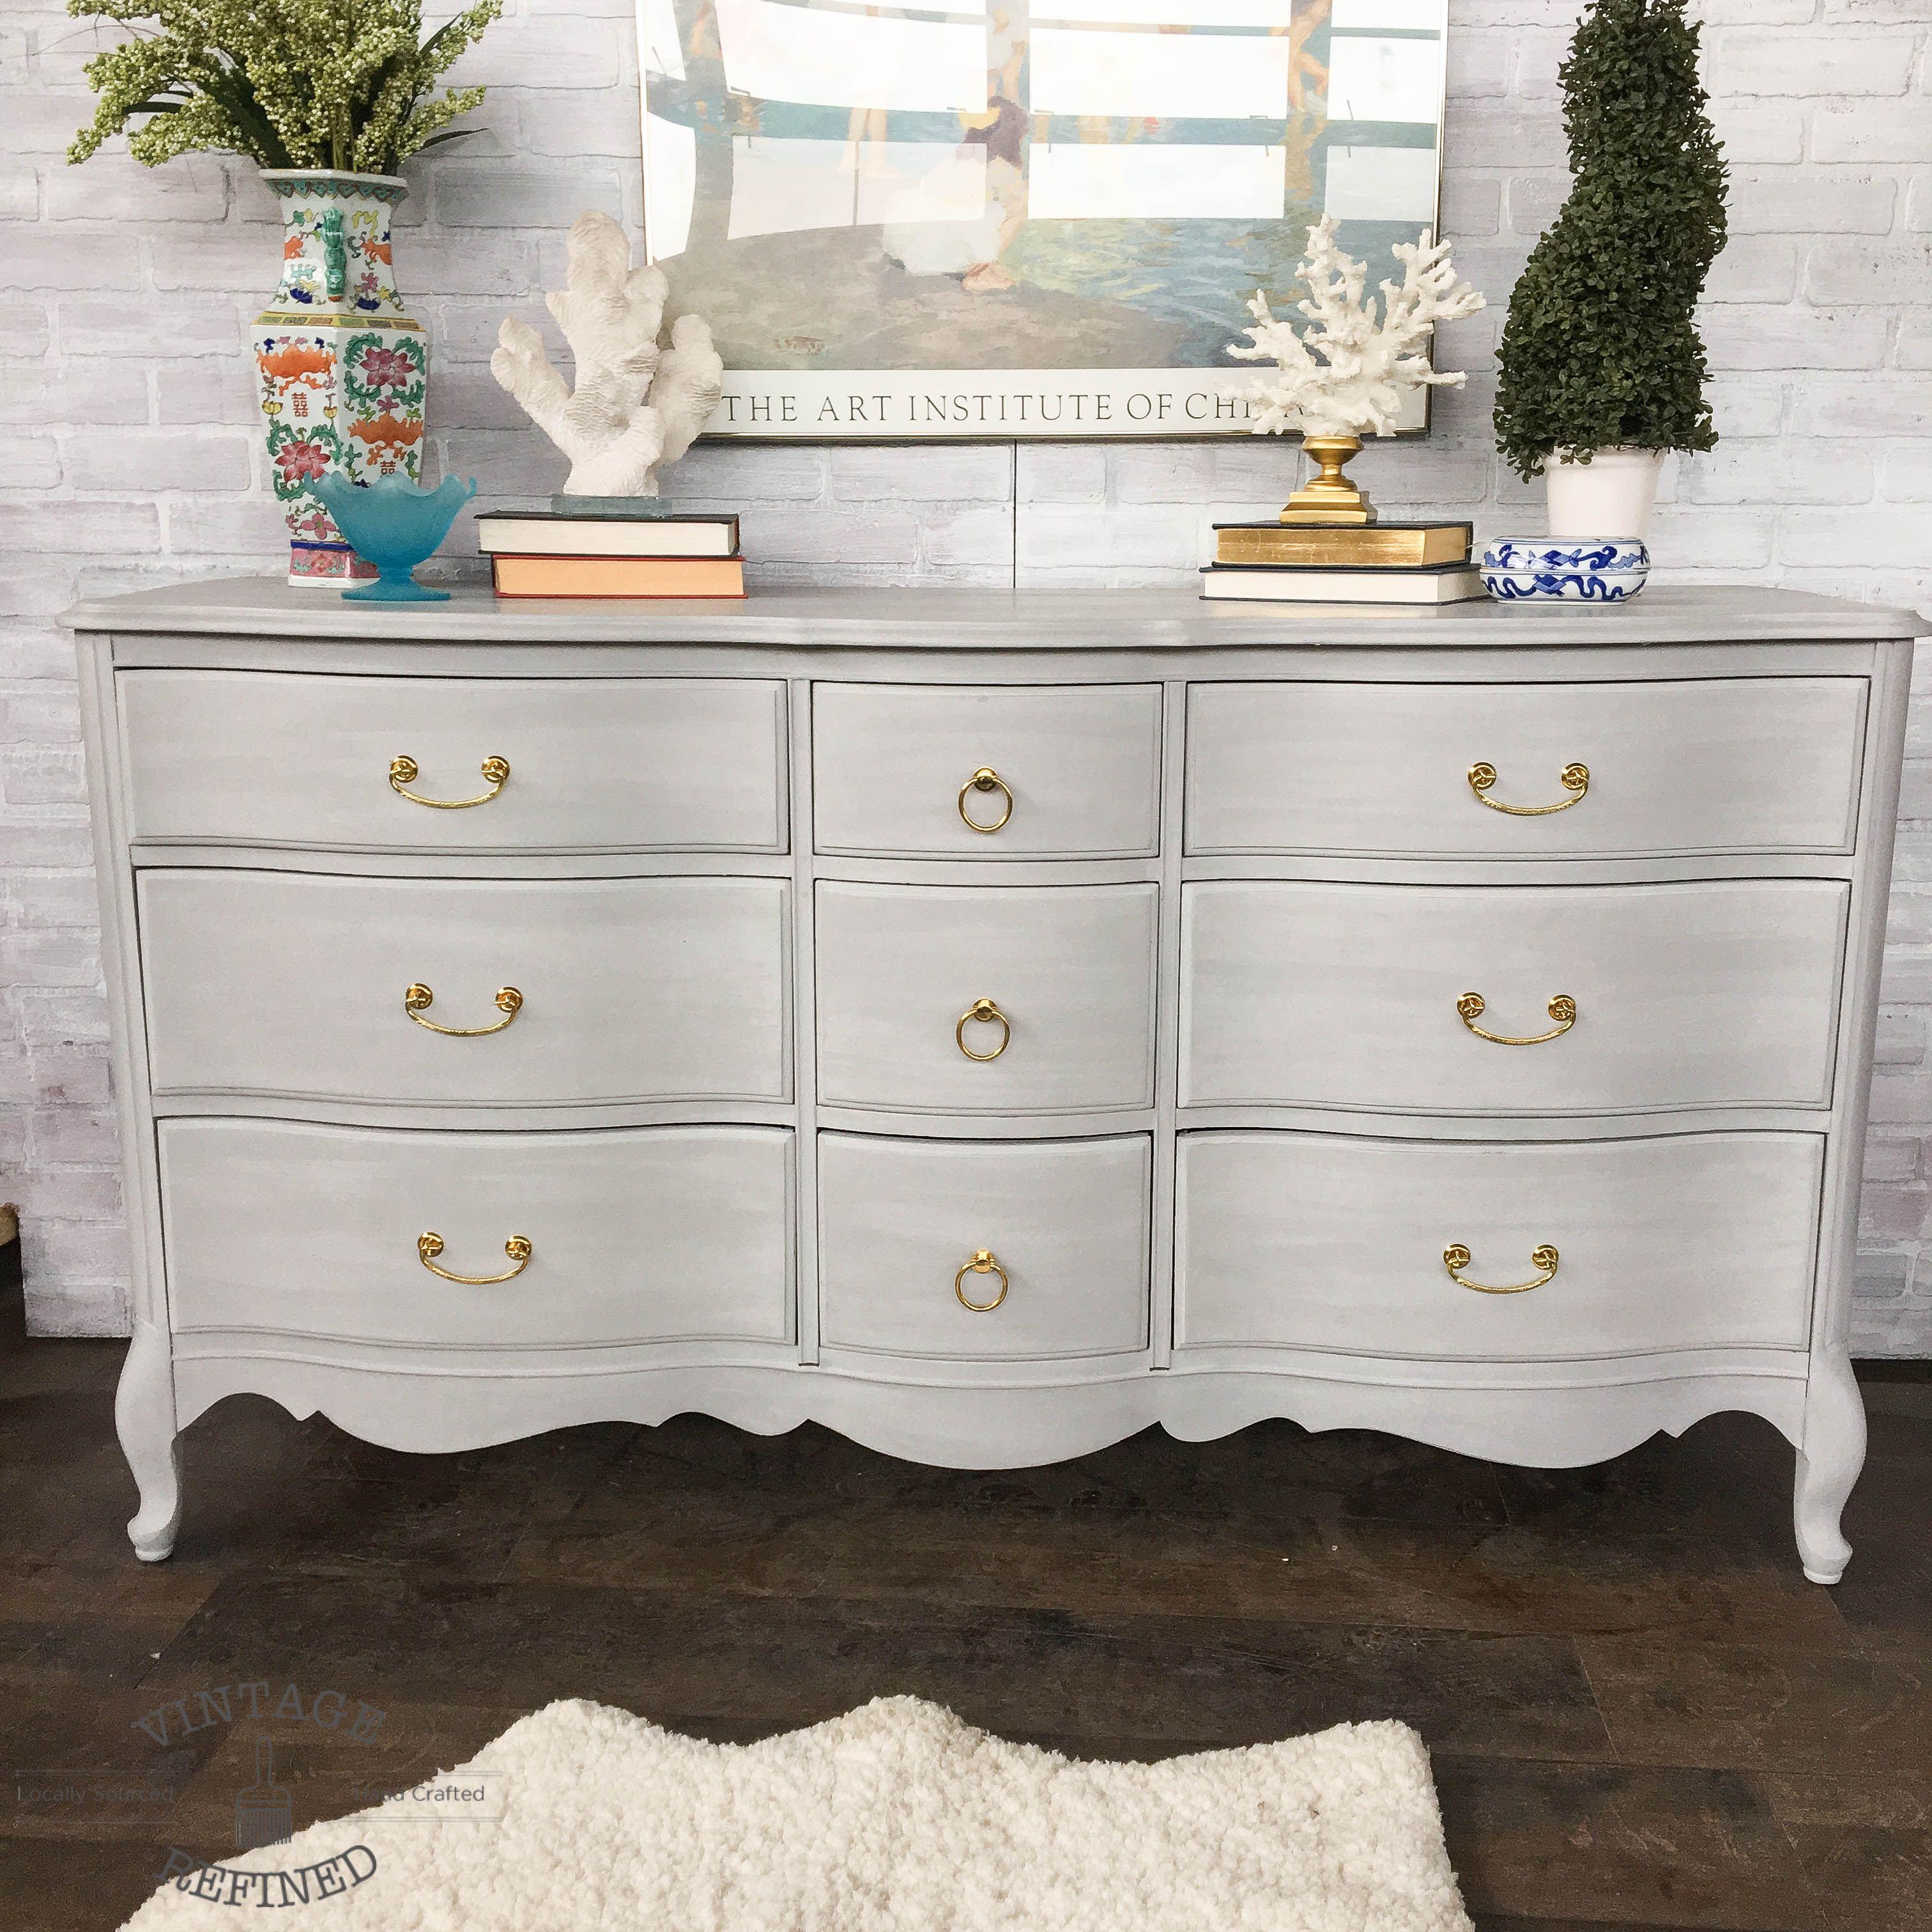 Paris Gray Chalk Paint Dresser: Chalk Paint - Annie Sloan ASCP, Milk Paint